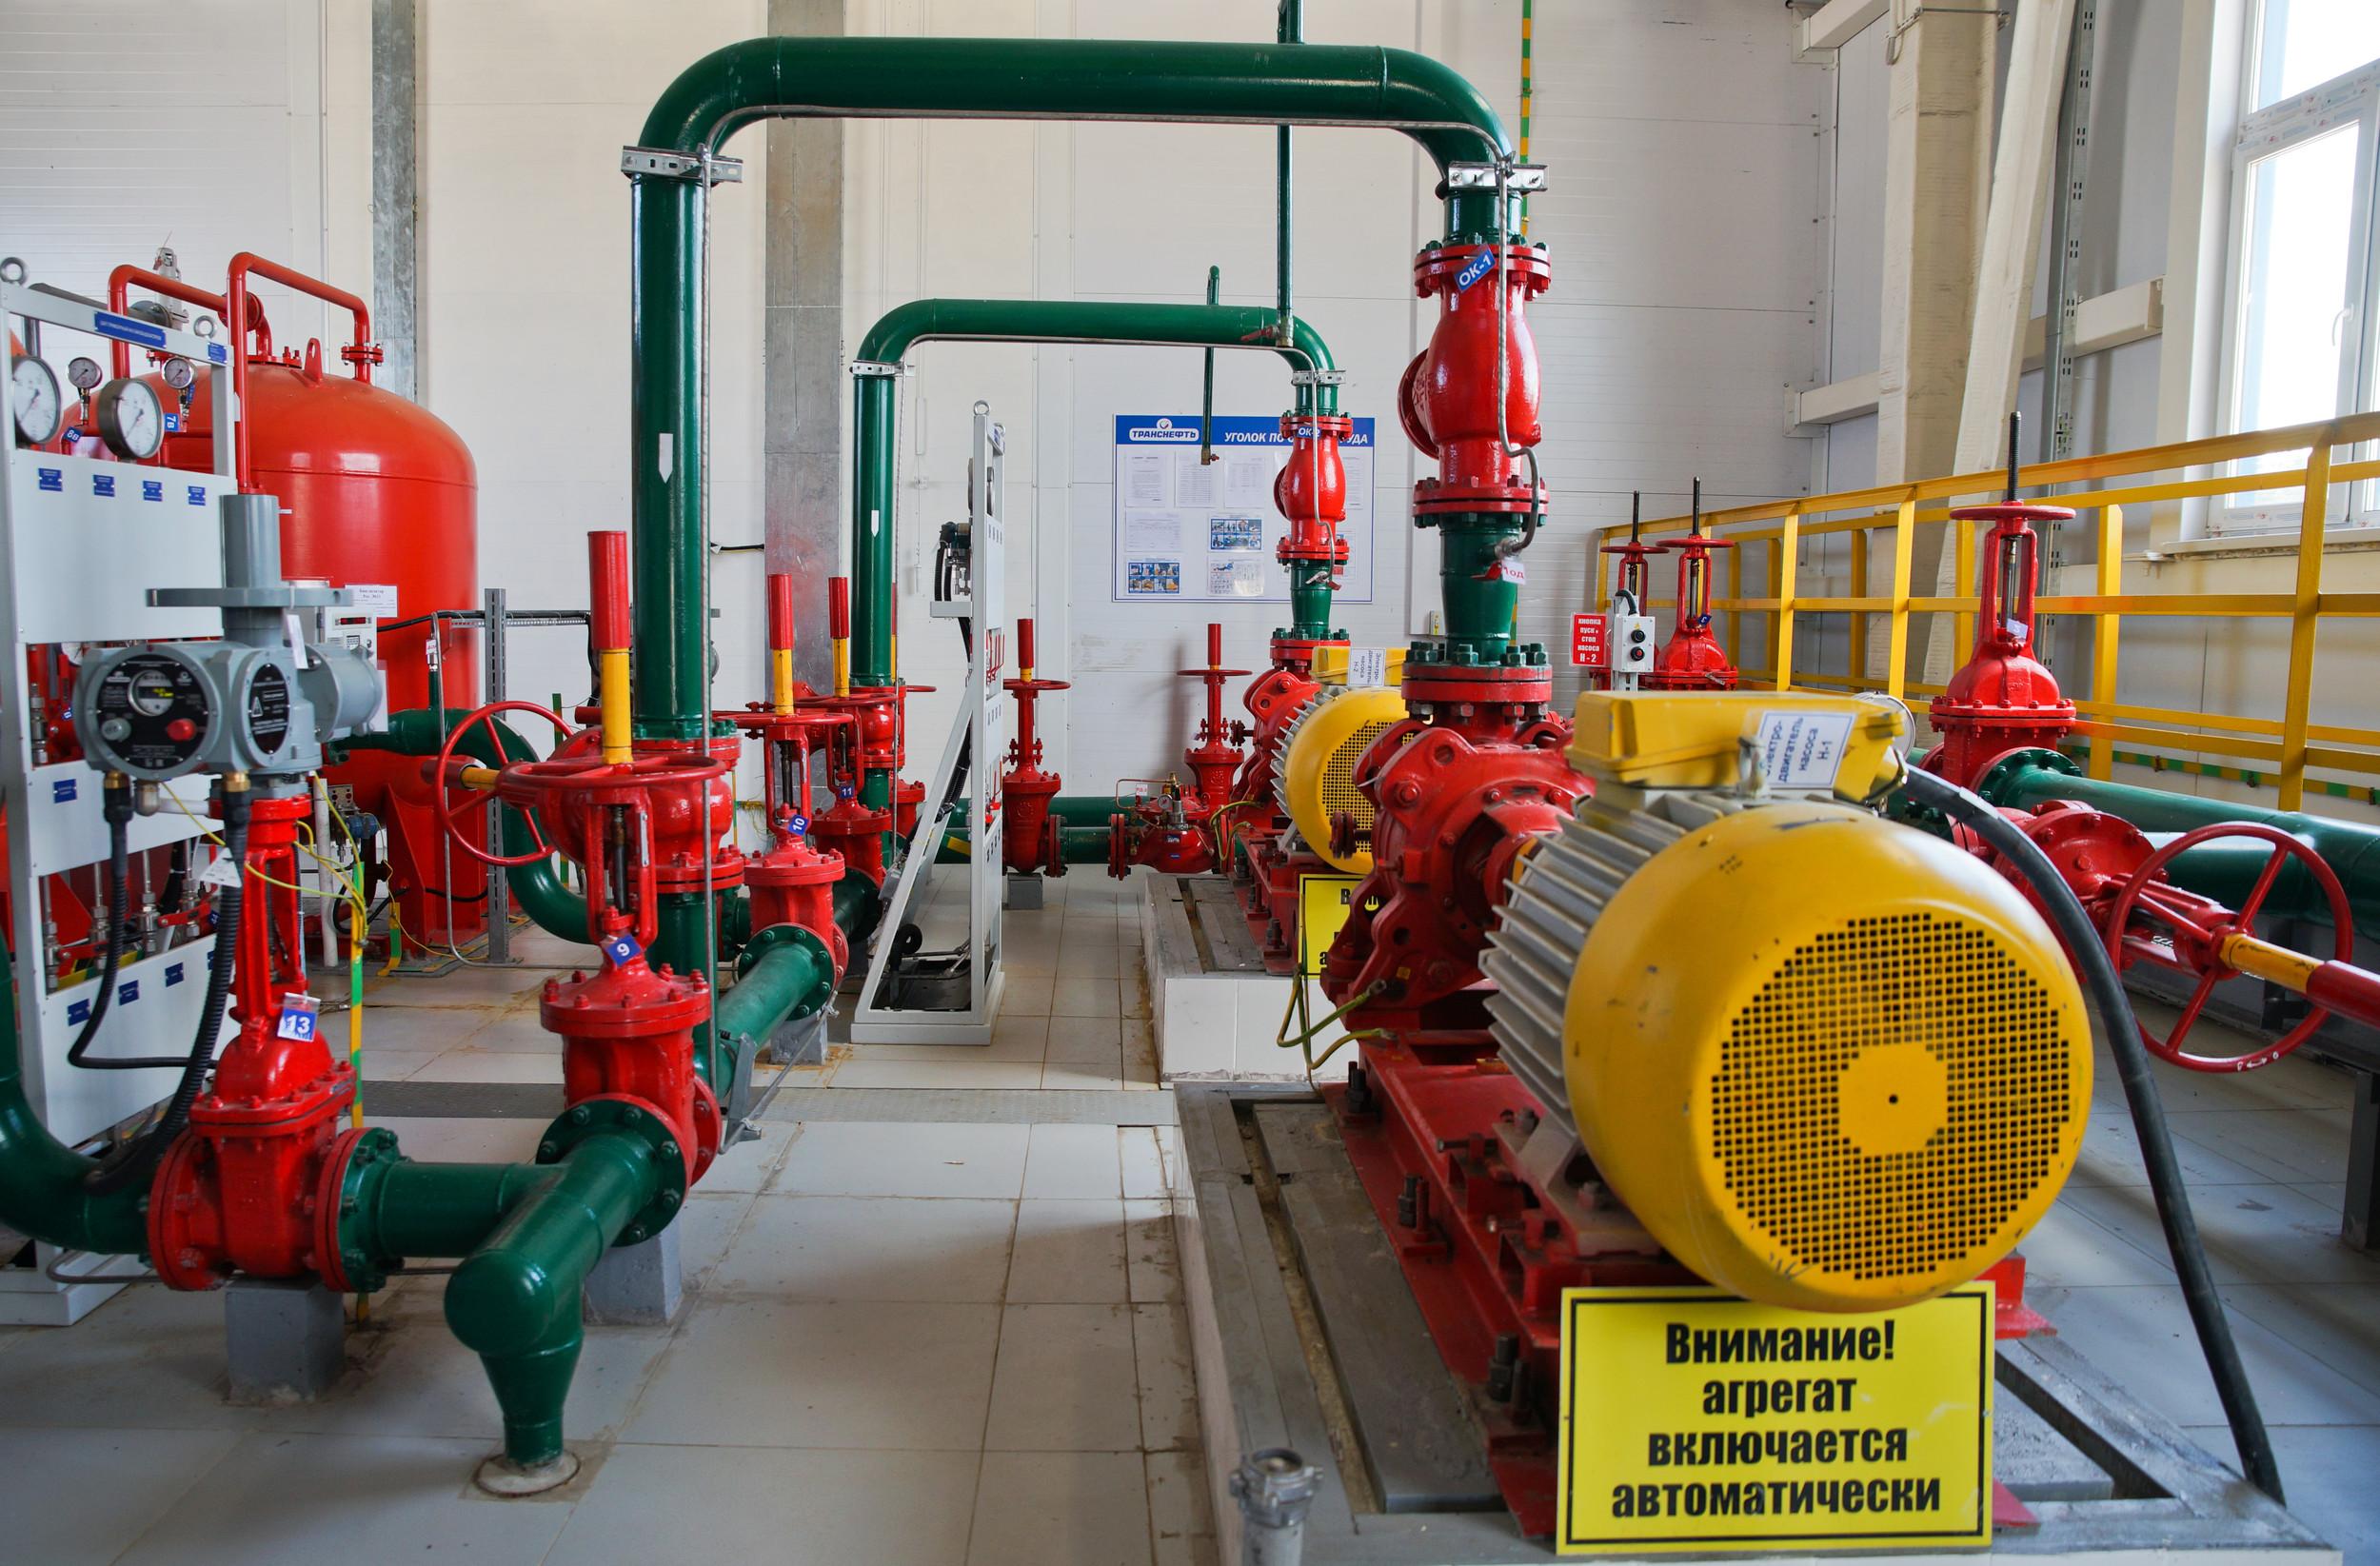 Для масштабных систем водяного пожаротушения проектируется и вводится в эксплуатацию насосная станция.